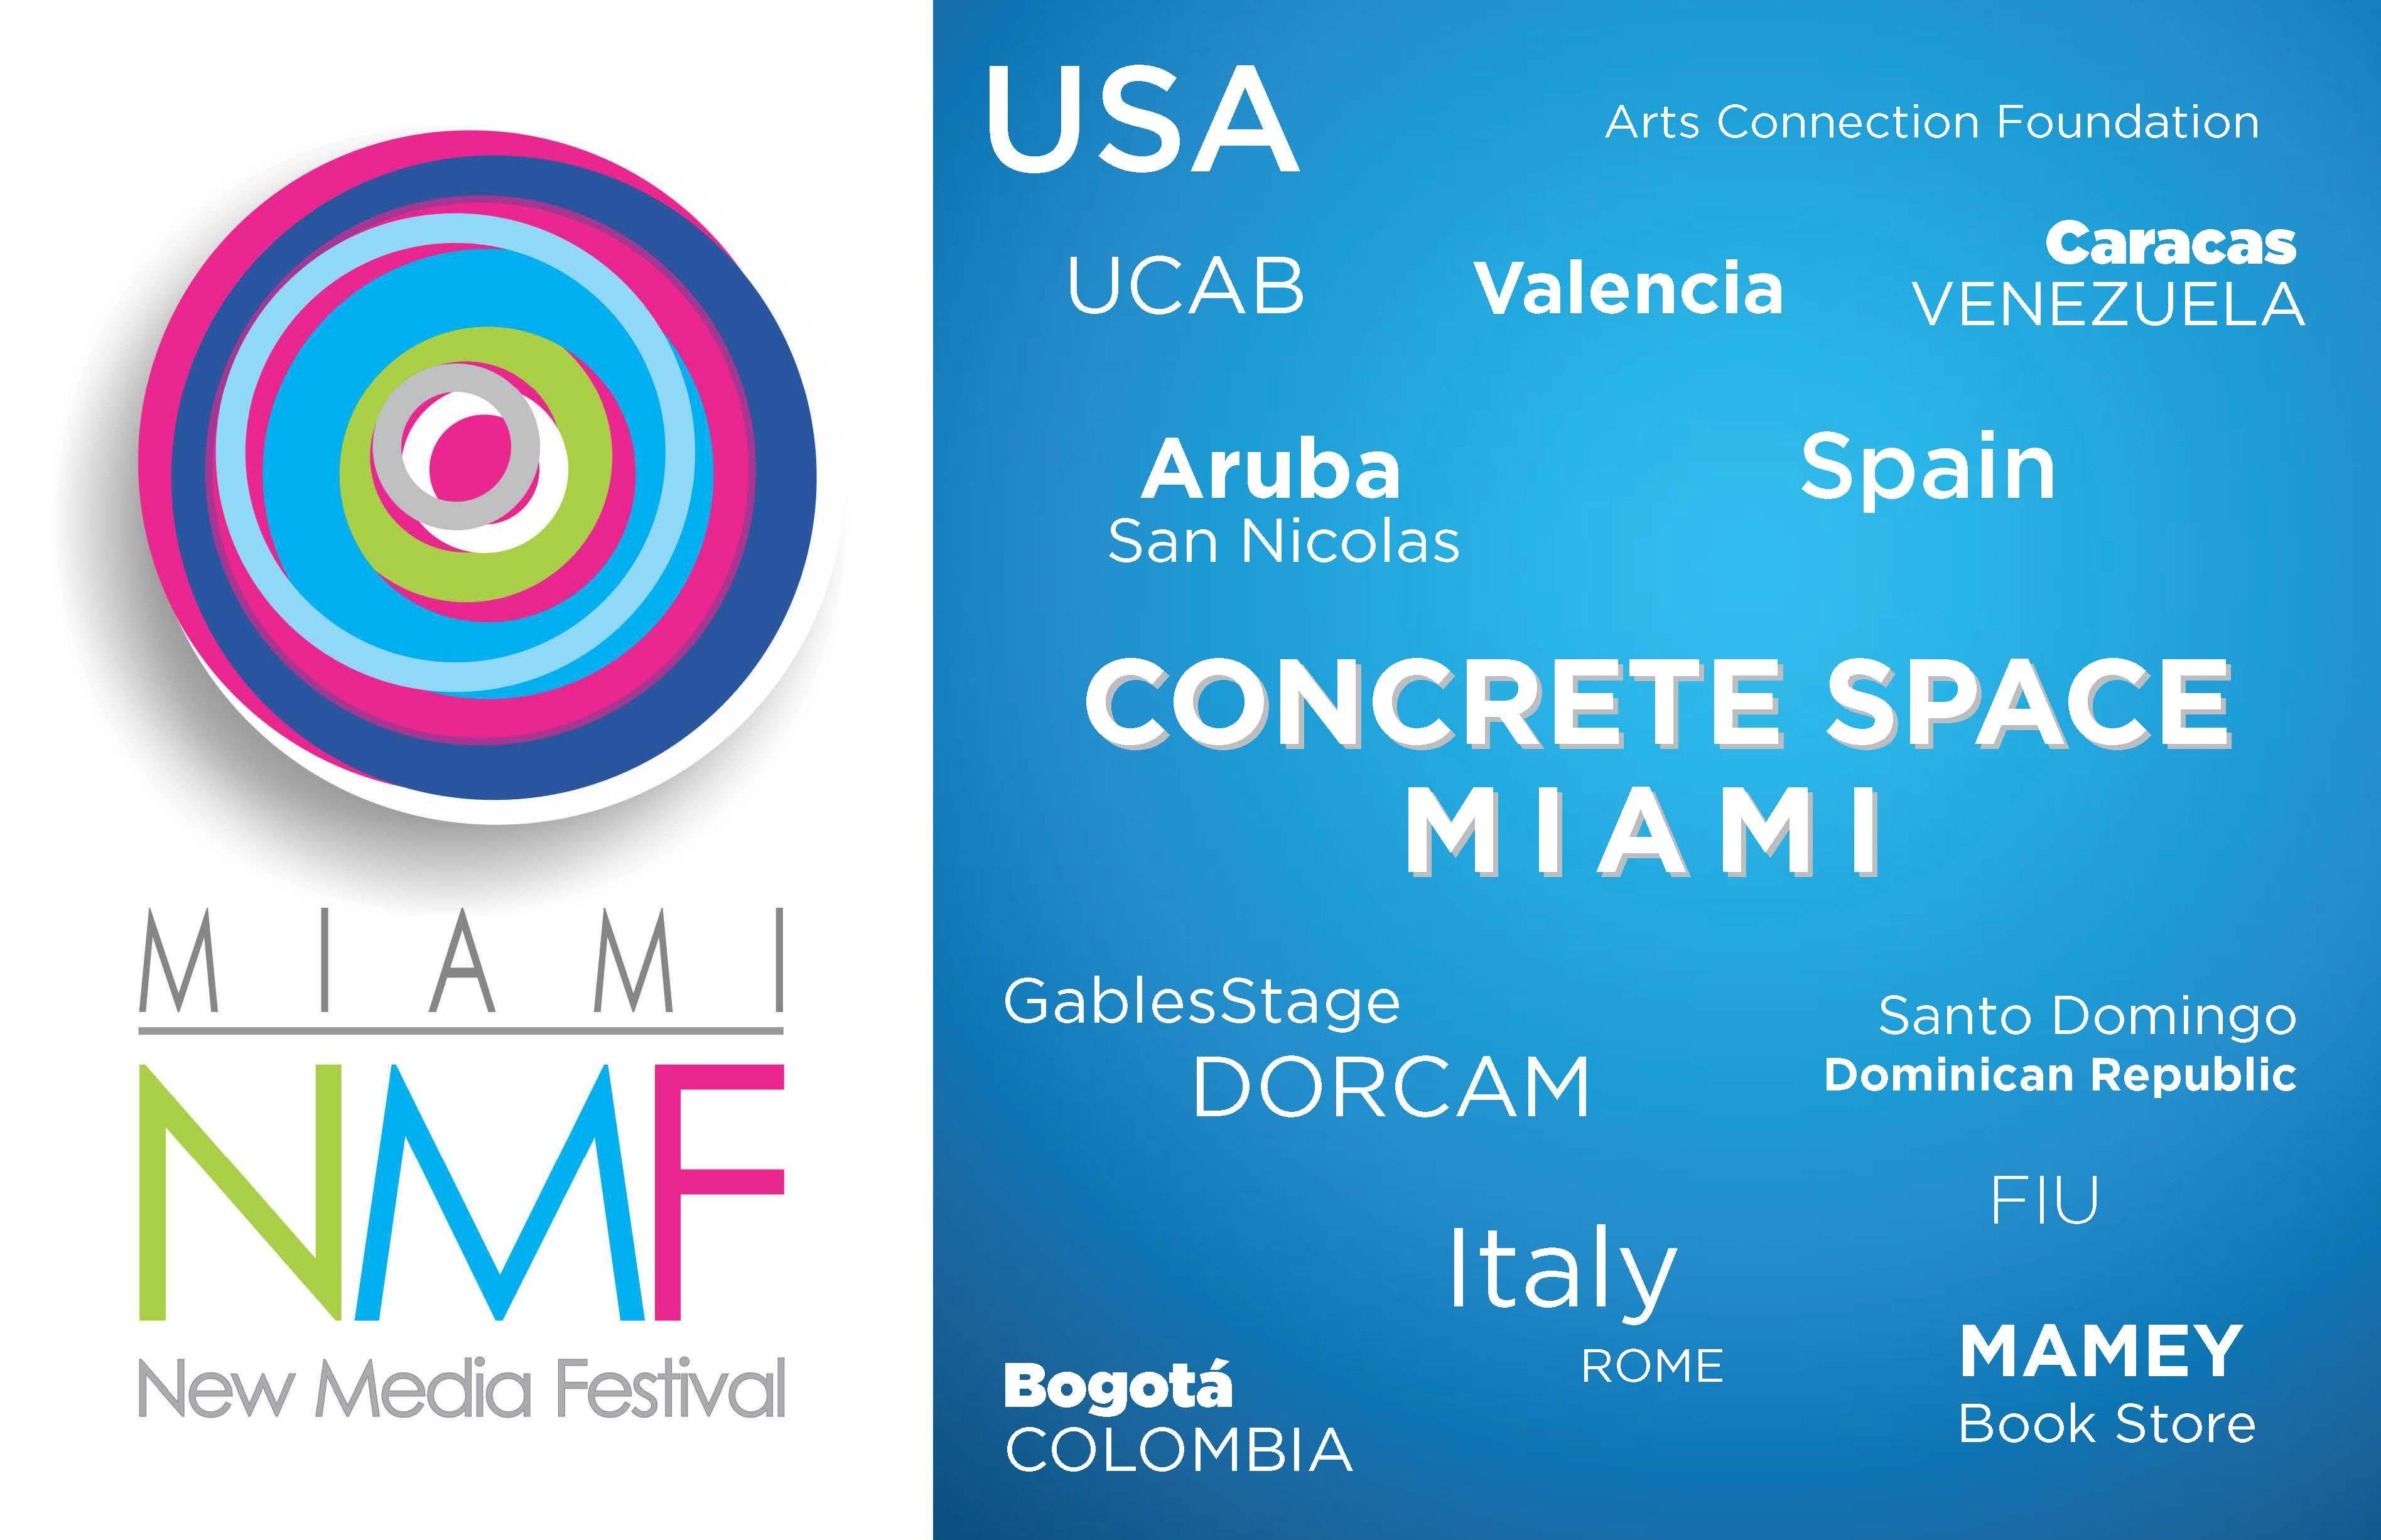 El Miami New Media Festival se exhibe en el Concrete Space